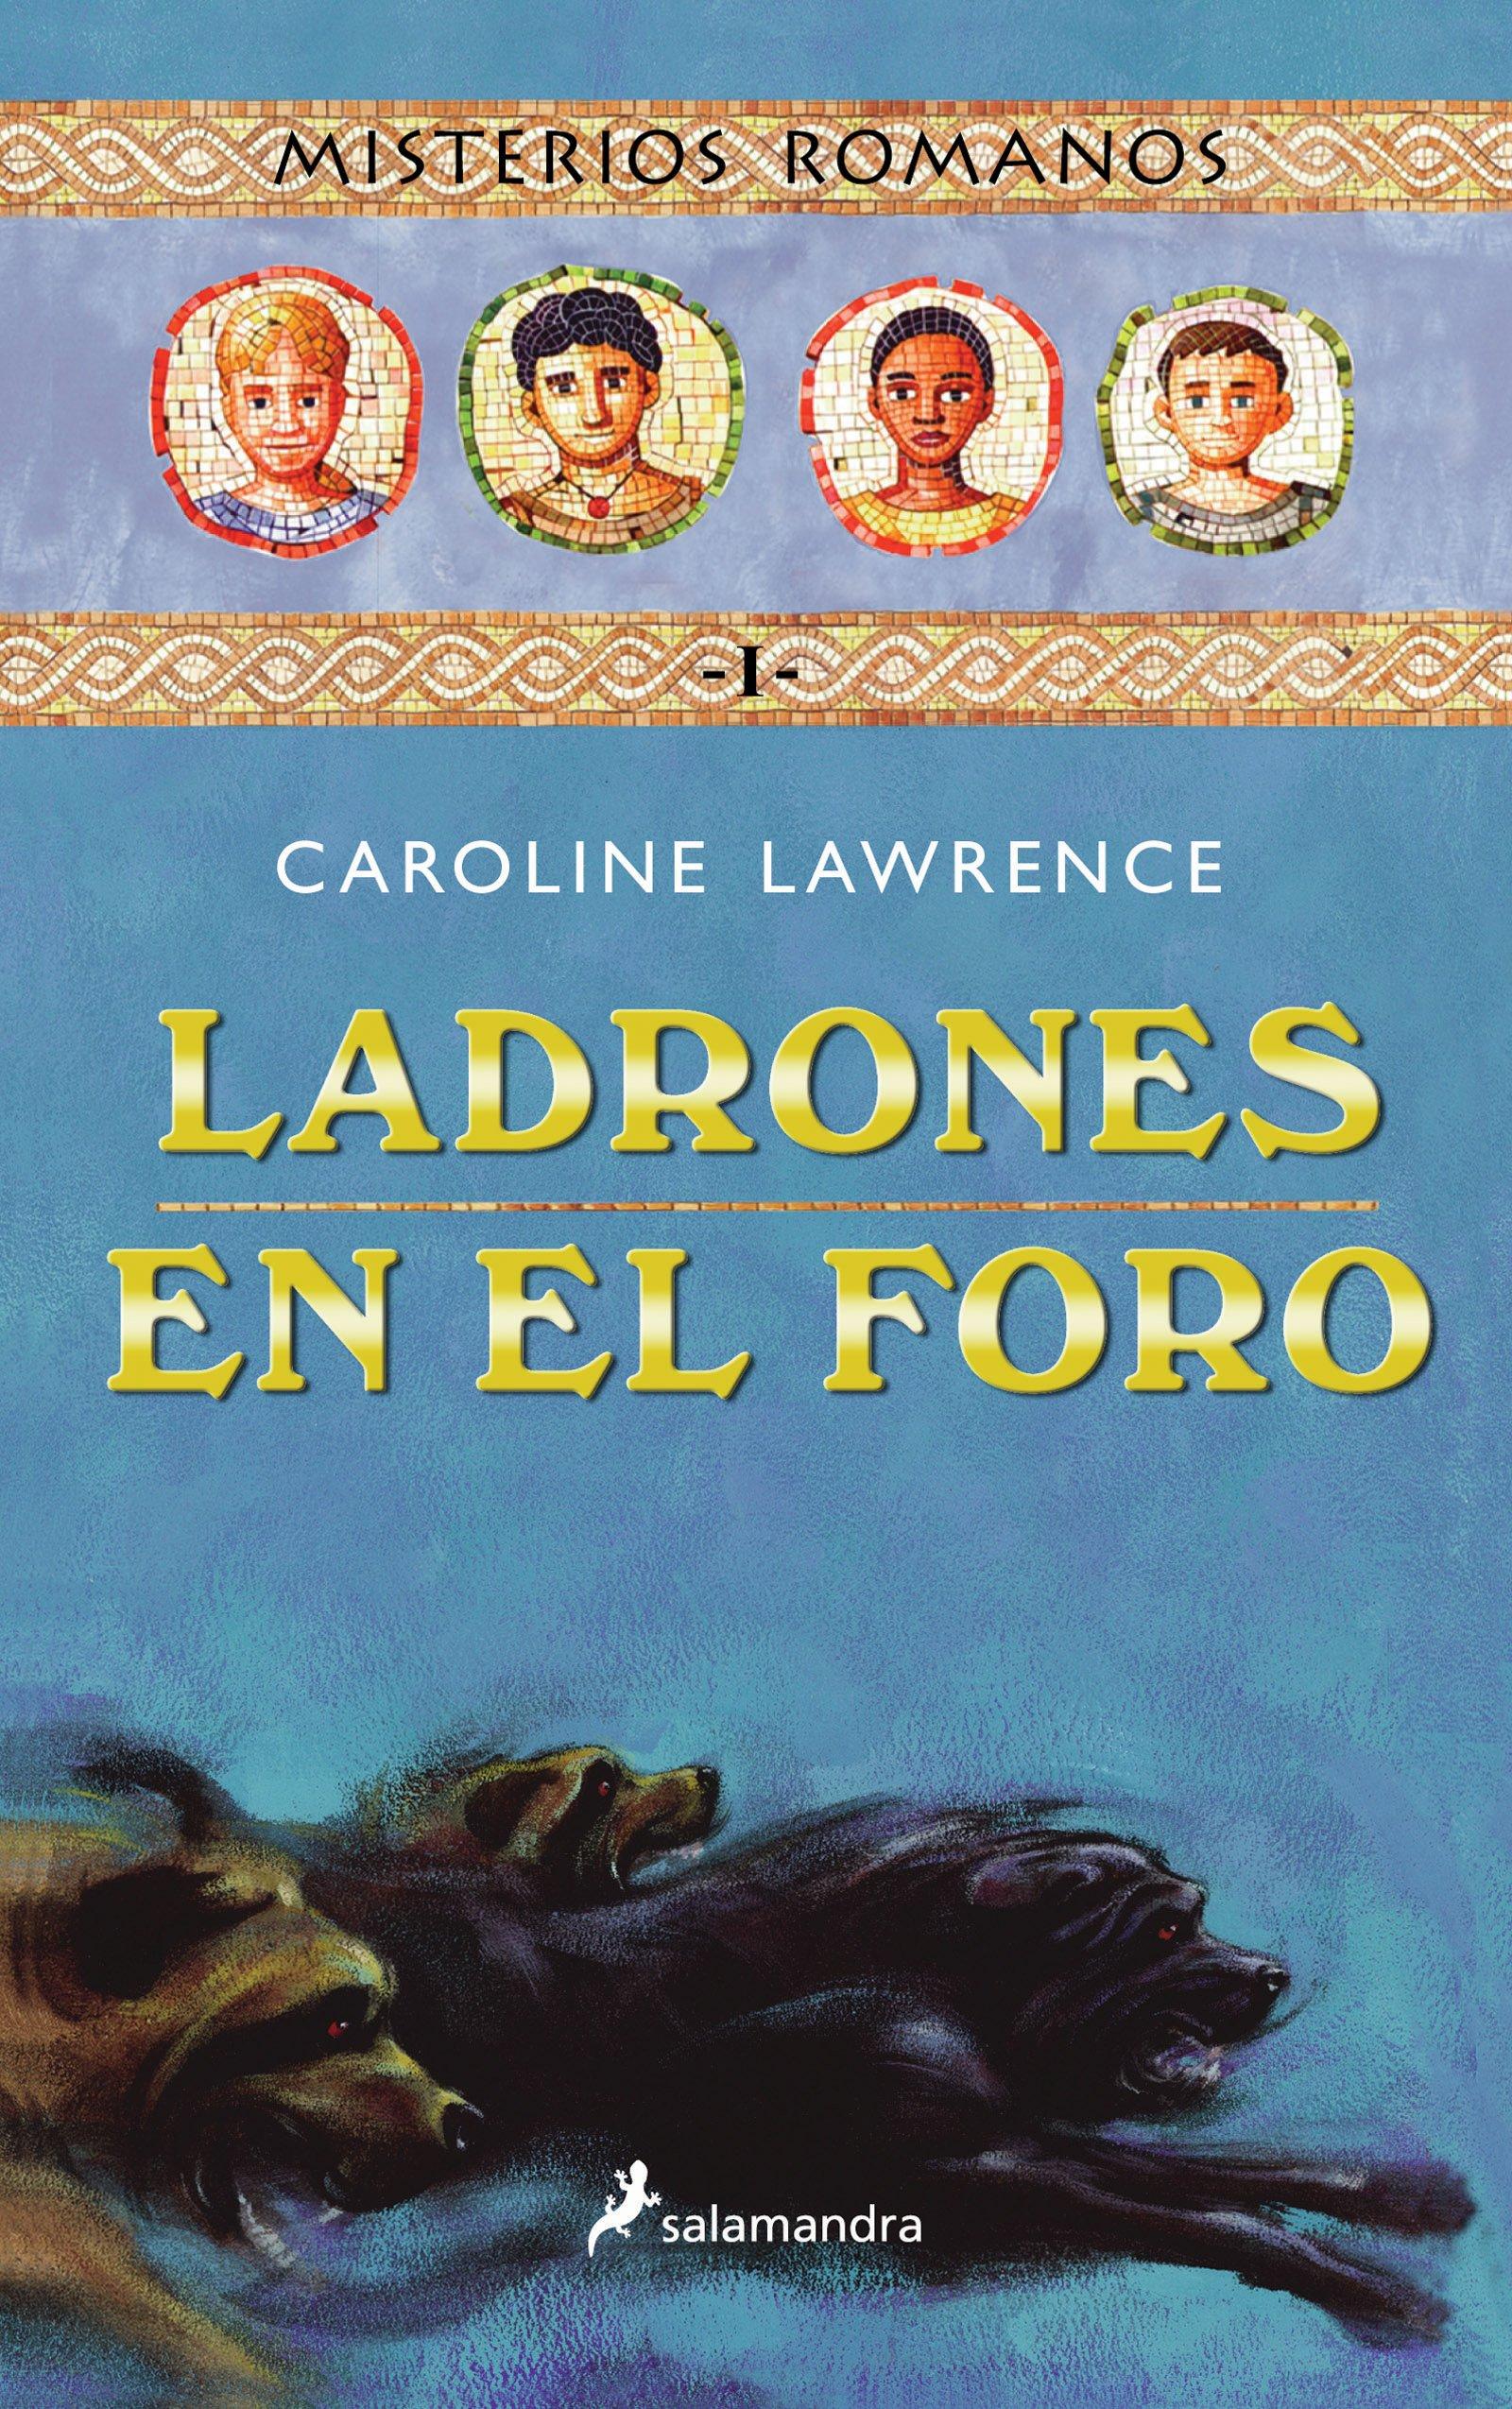 Ladrones en el foro (Spanish Edition)